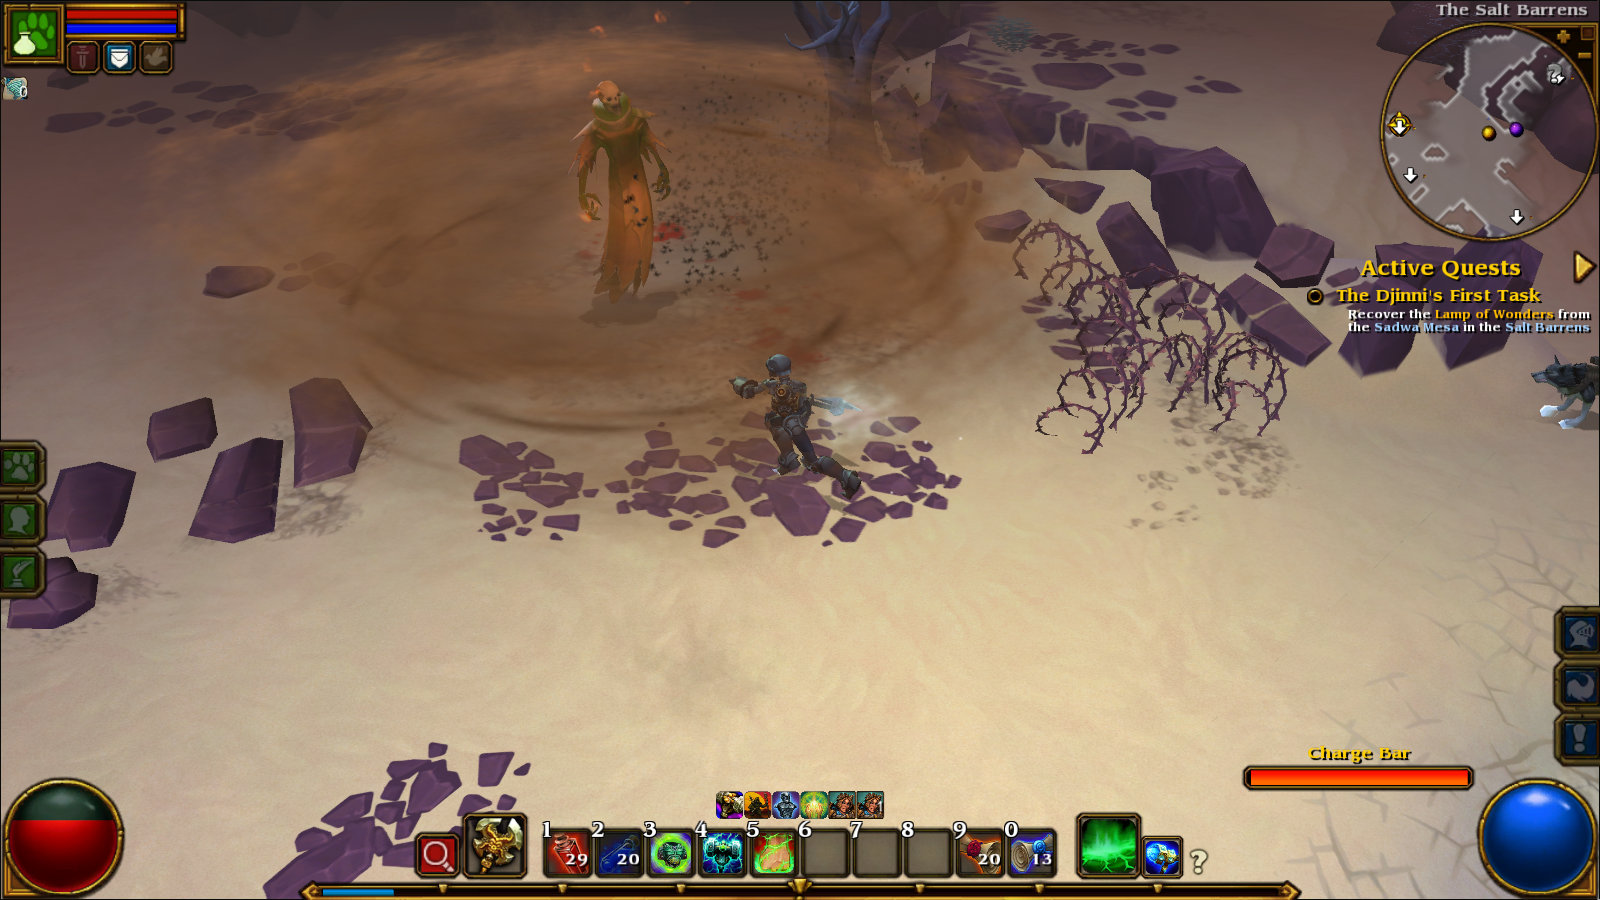 New Screenshots Appear-torchlight_2_2_devilgamer-jpg